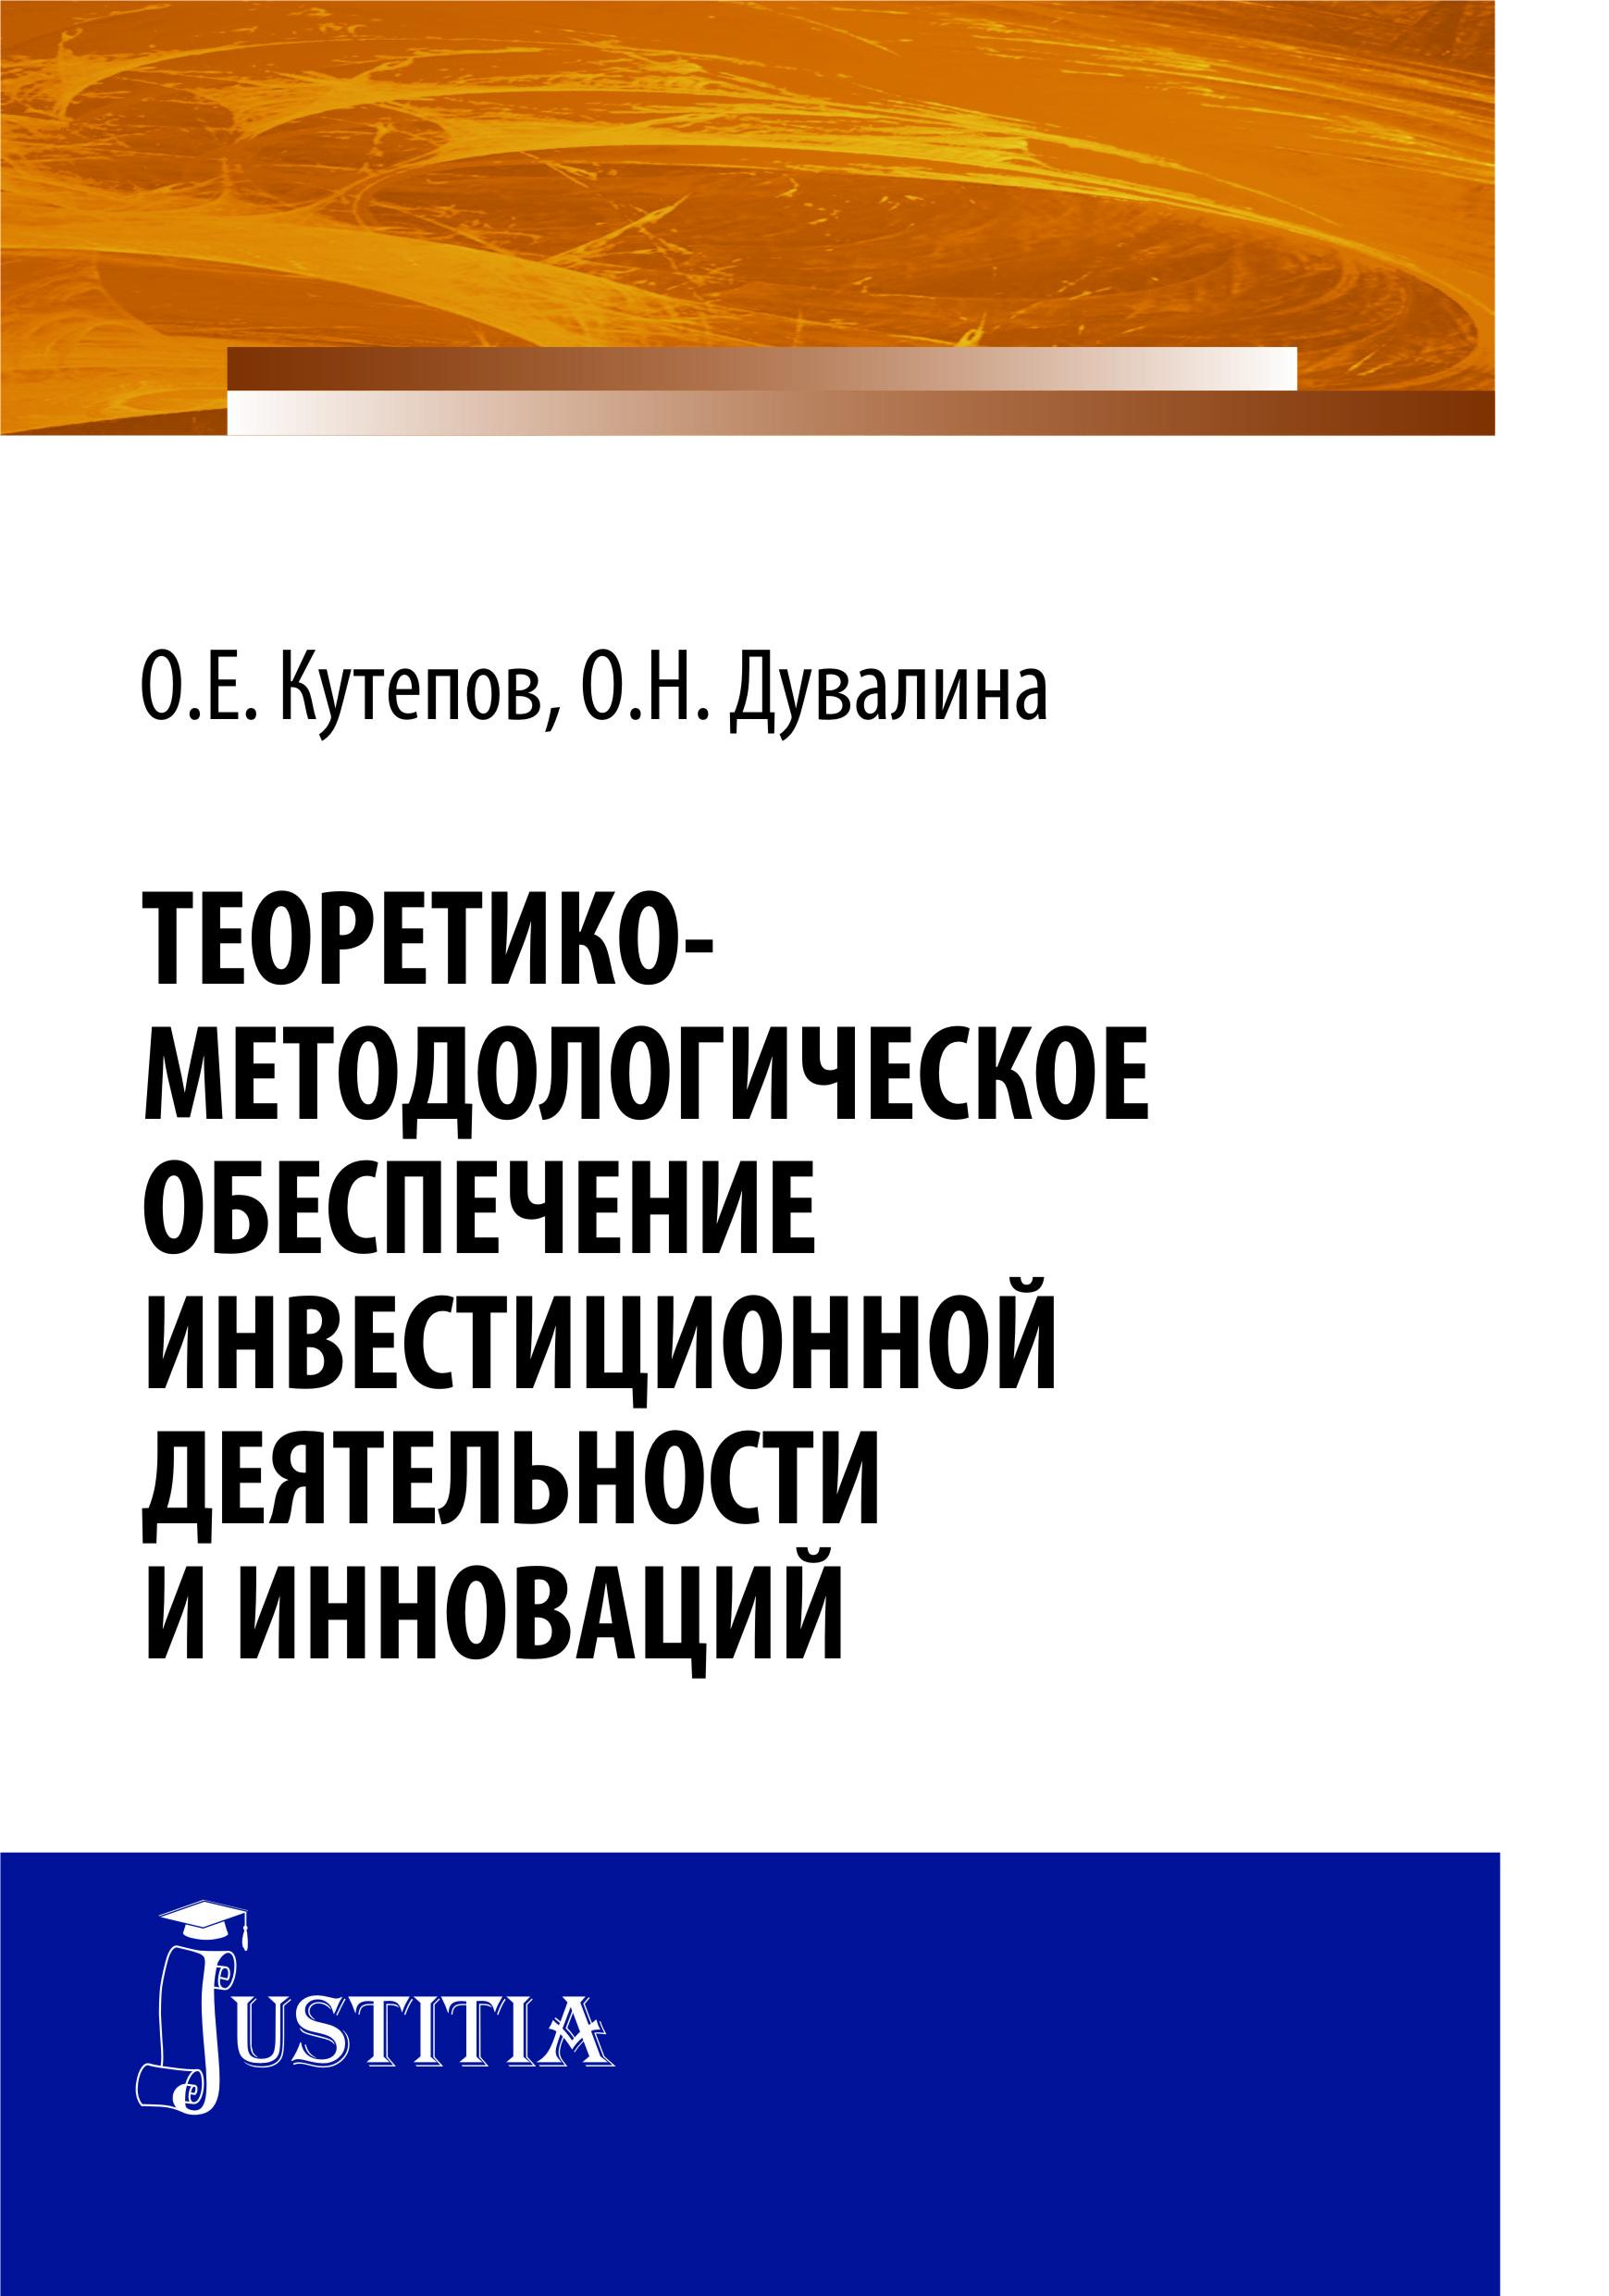 Теоретико-методологическое обеспечение инвестиционной деятельности и инноваций